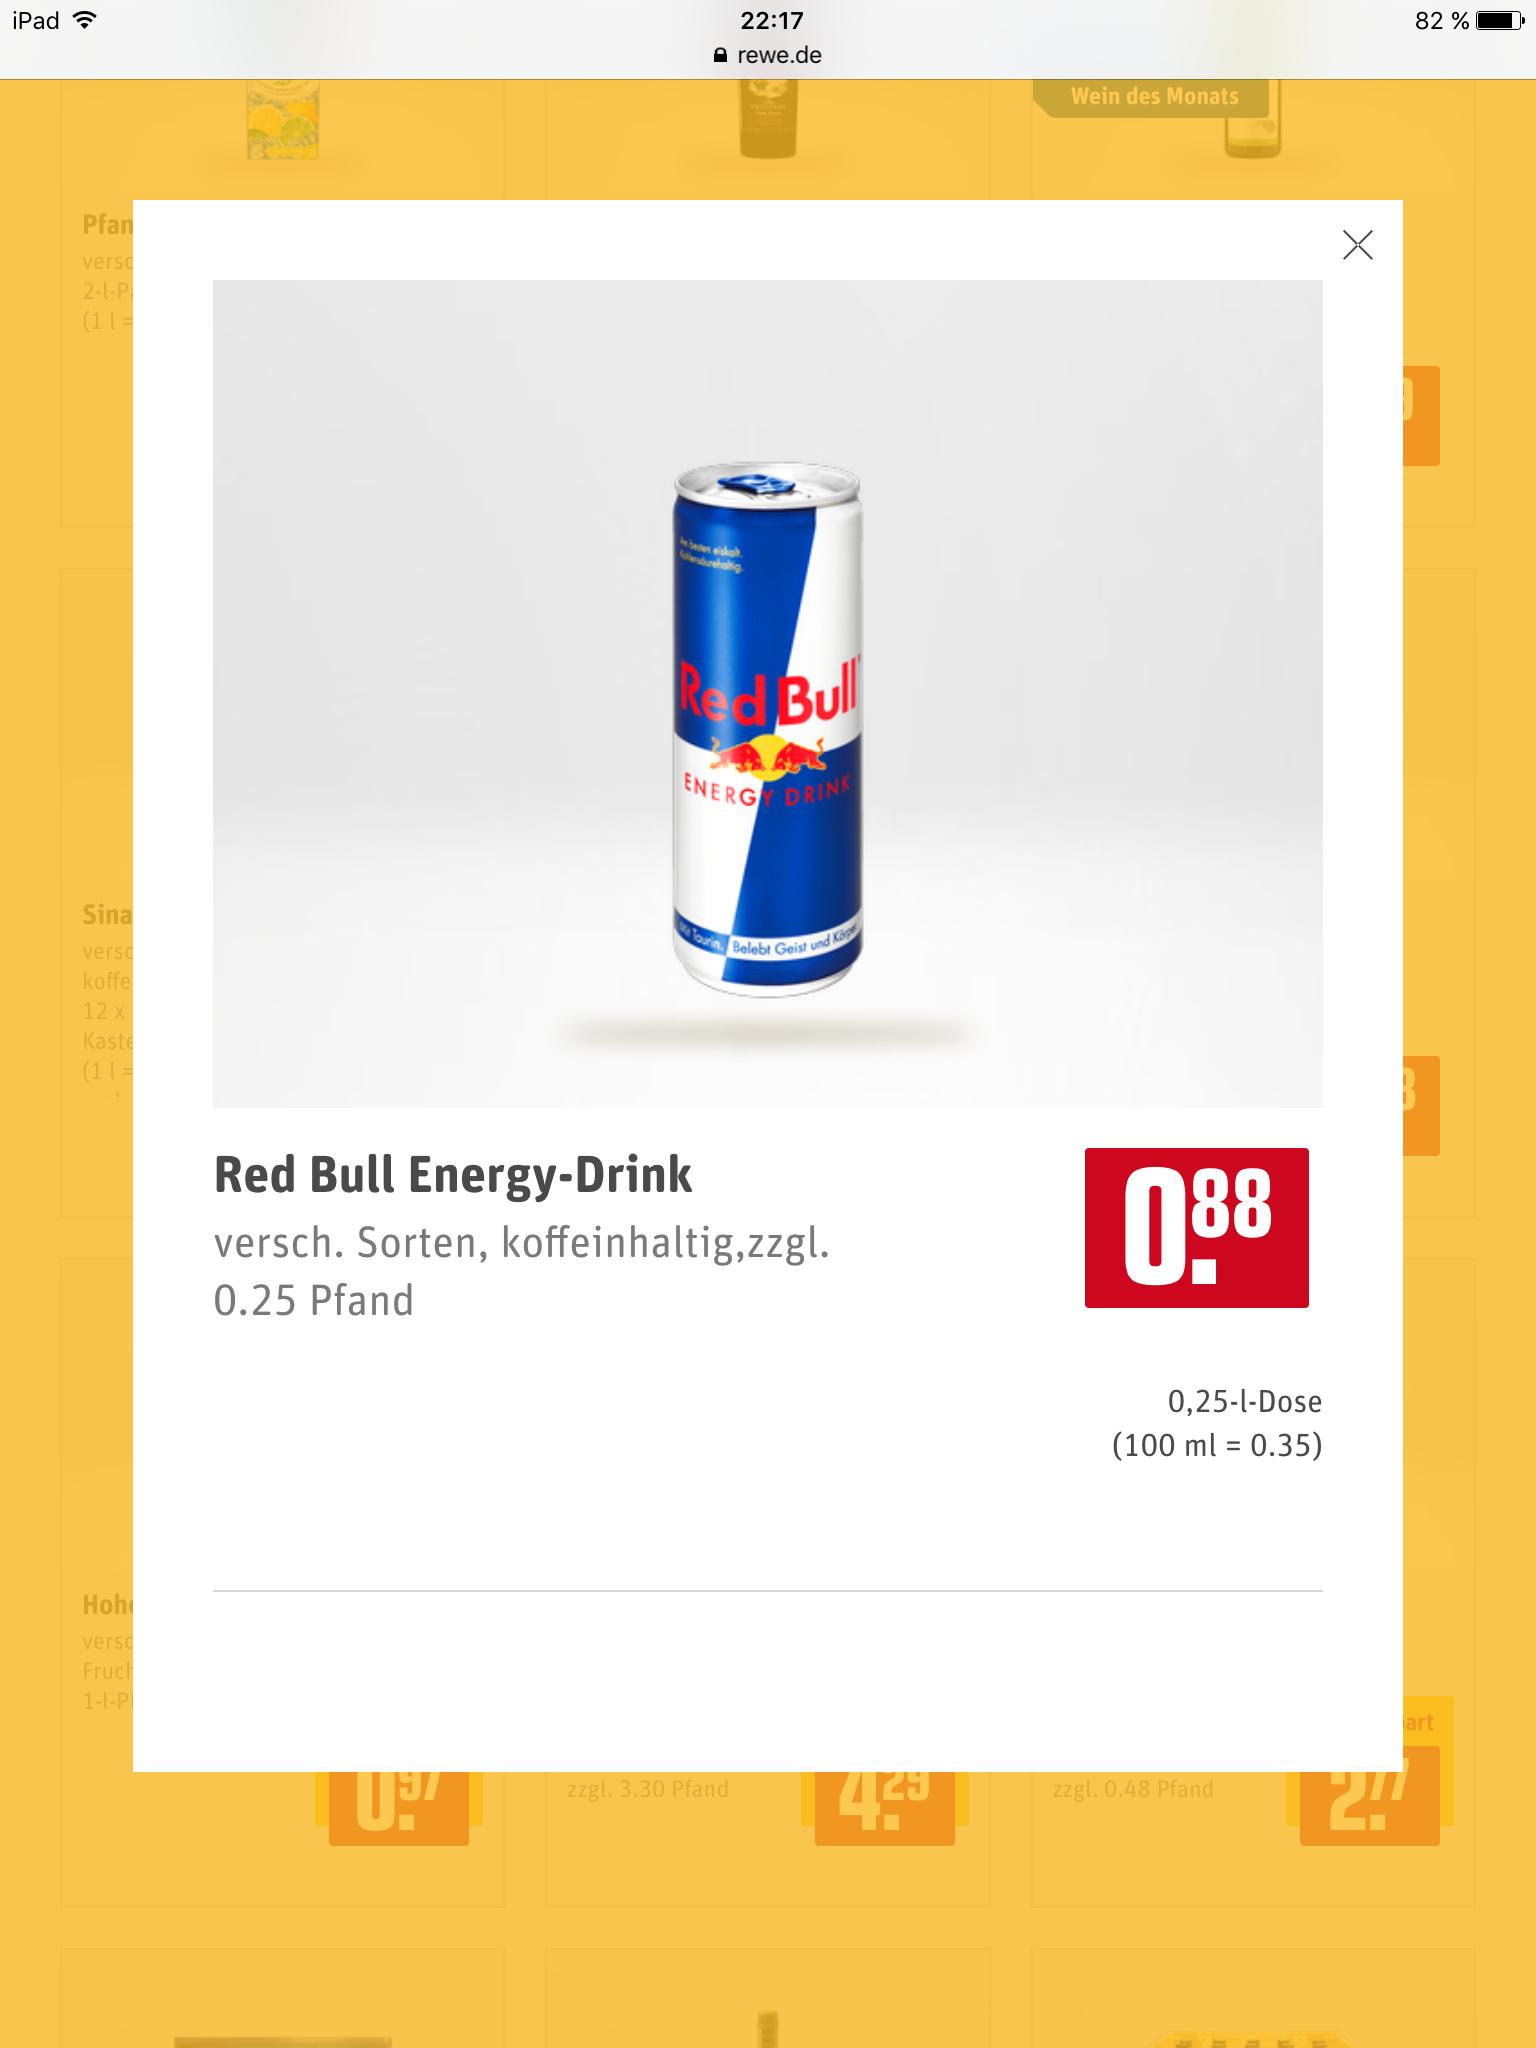 REWE Red Bull Angebot für 88 Cent zzgl. Pfand